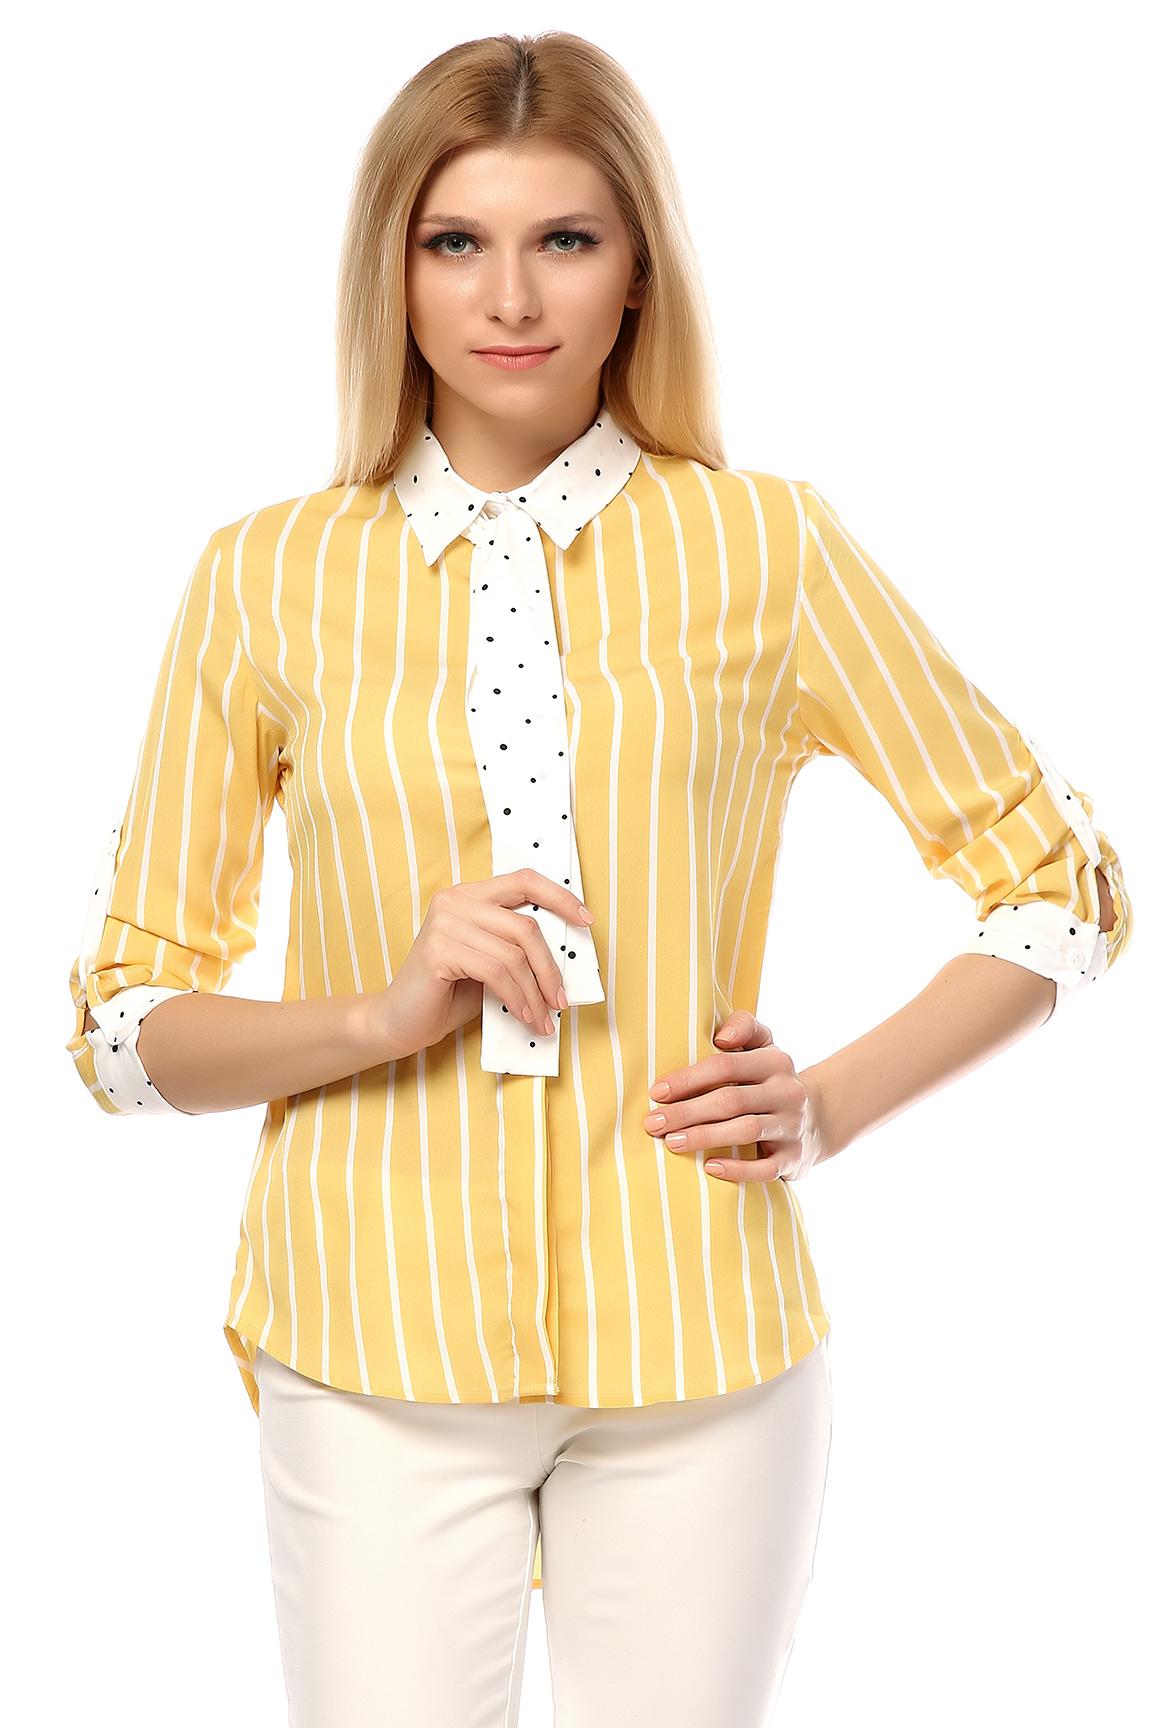 قمصان كاجوال نسائي صيف 2017 ، أجمل تشكيلة قمصان ناعمة للبنات 2017